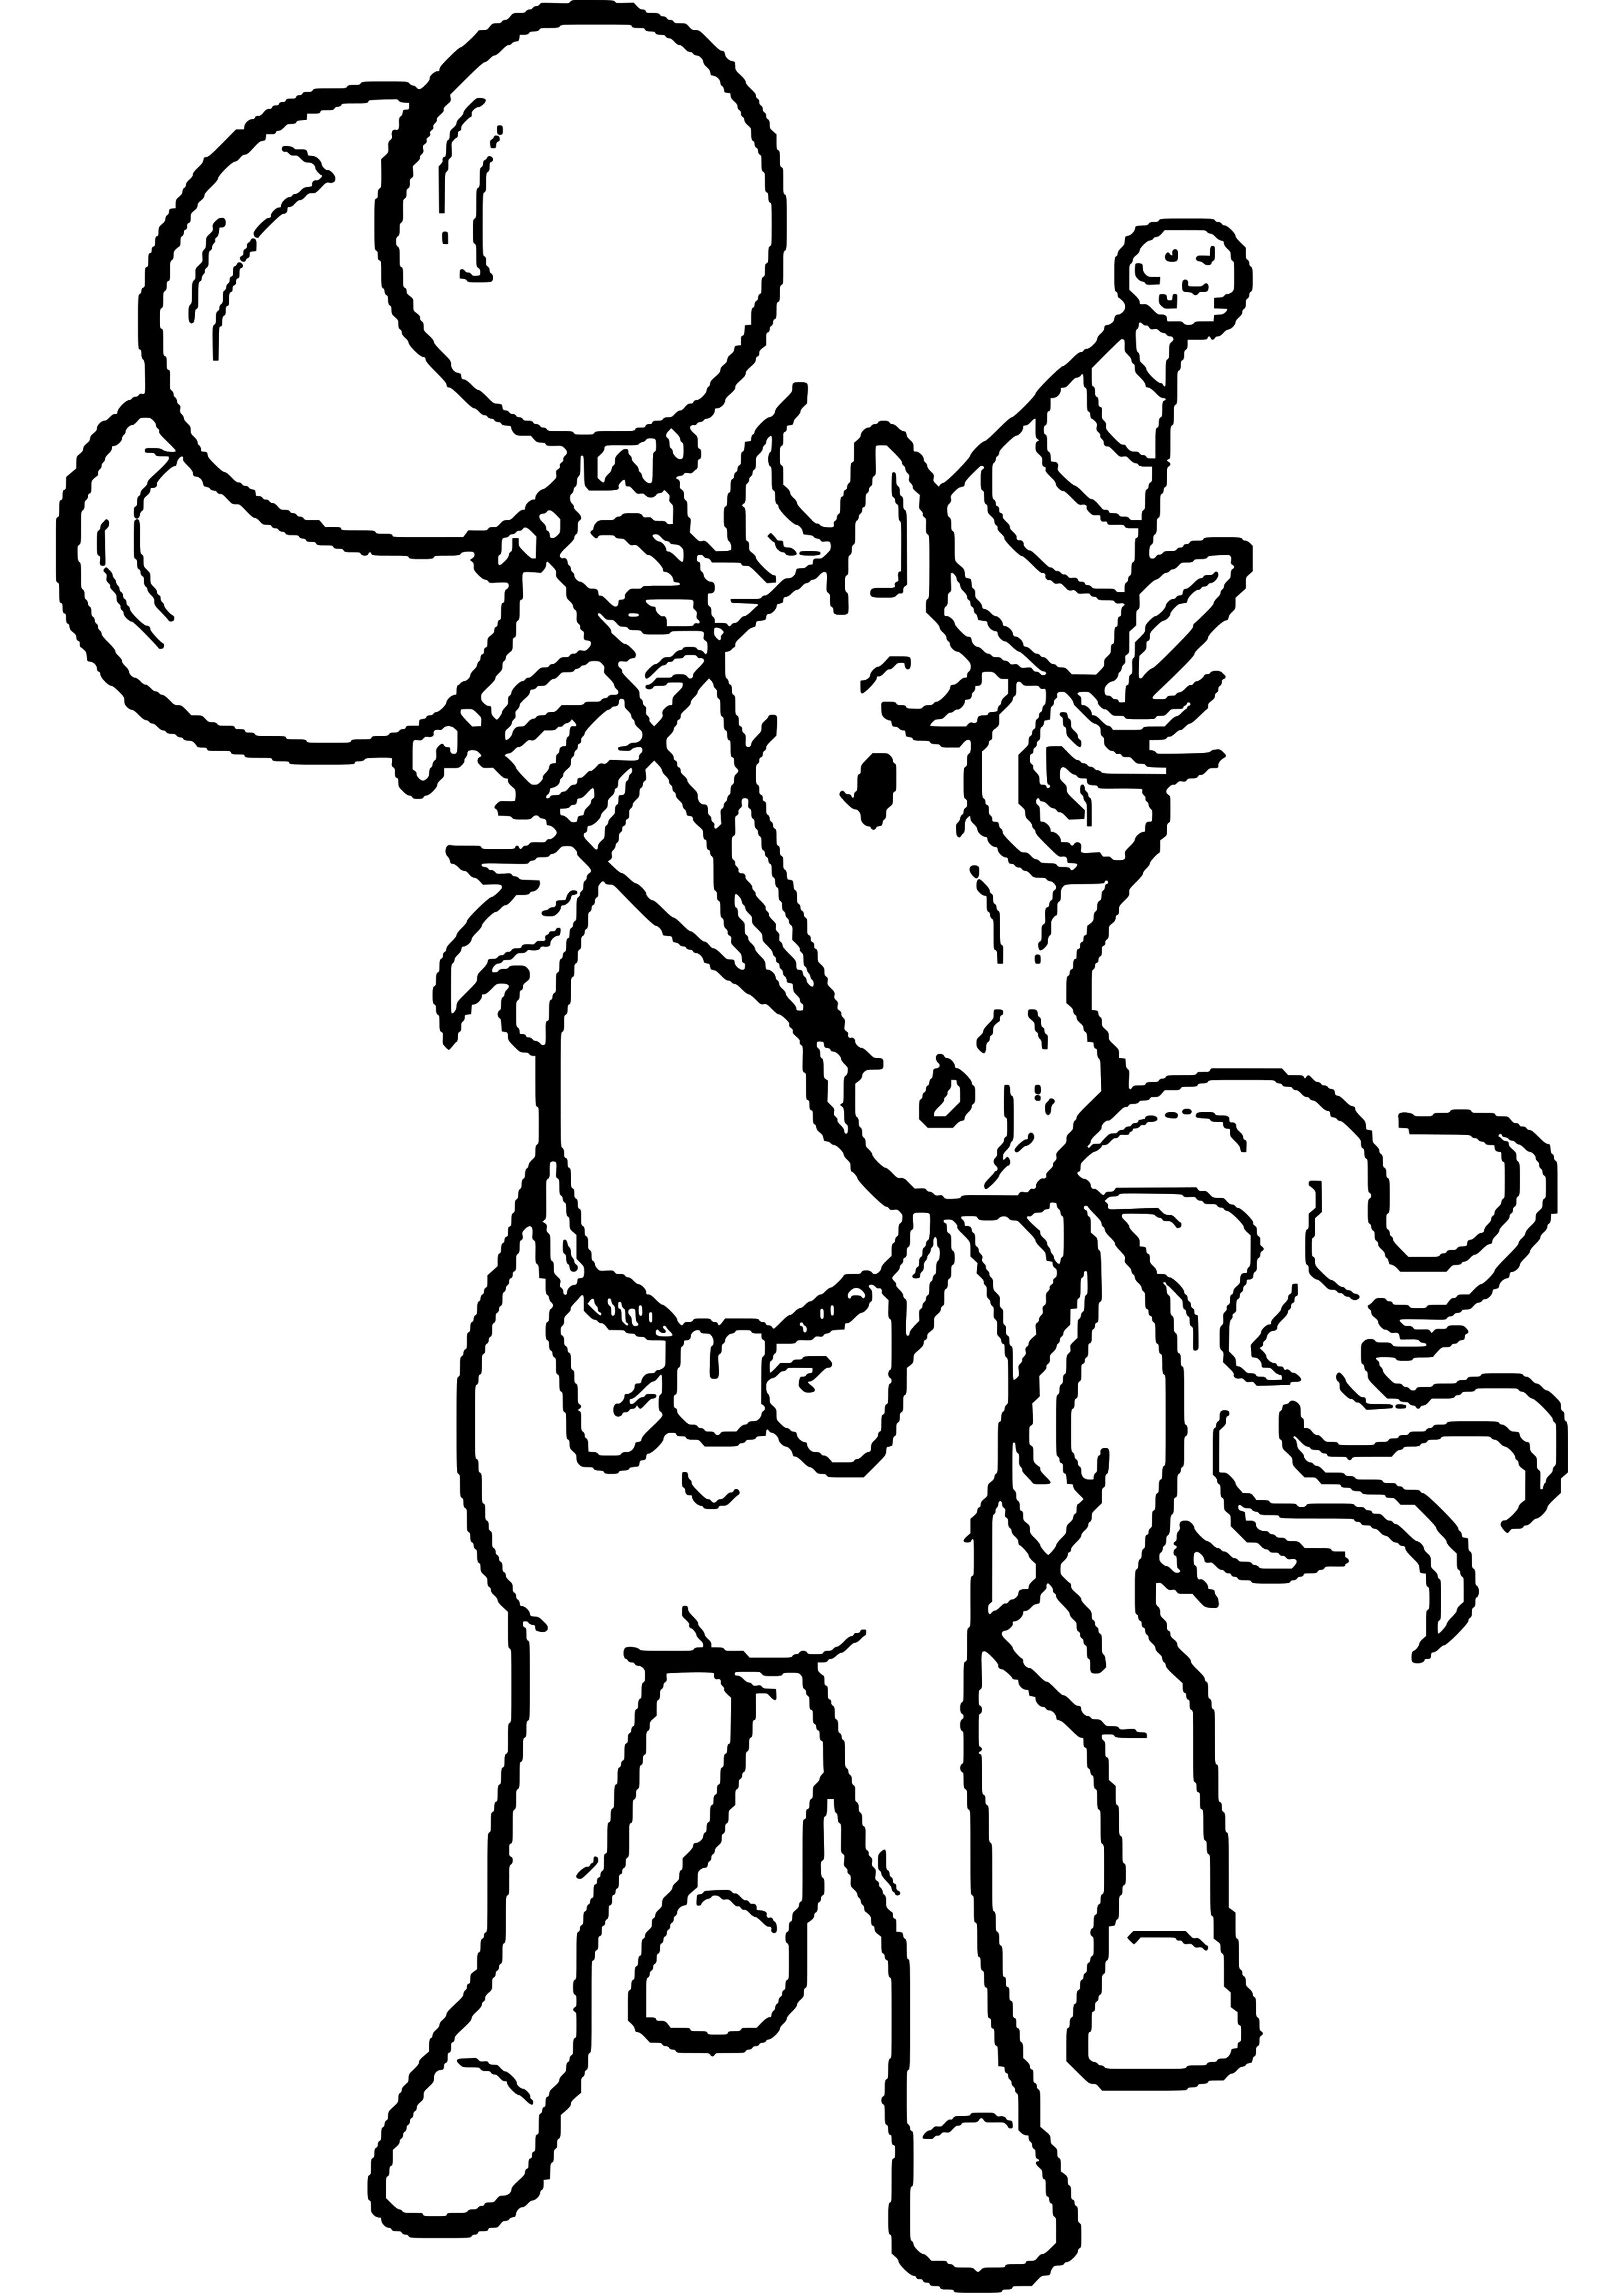 Ausmalbilder pferde geburtstag coloring pages pinterest adult ausmalbilder pferde geburtstag altavistaventures Choice Image